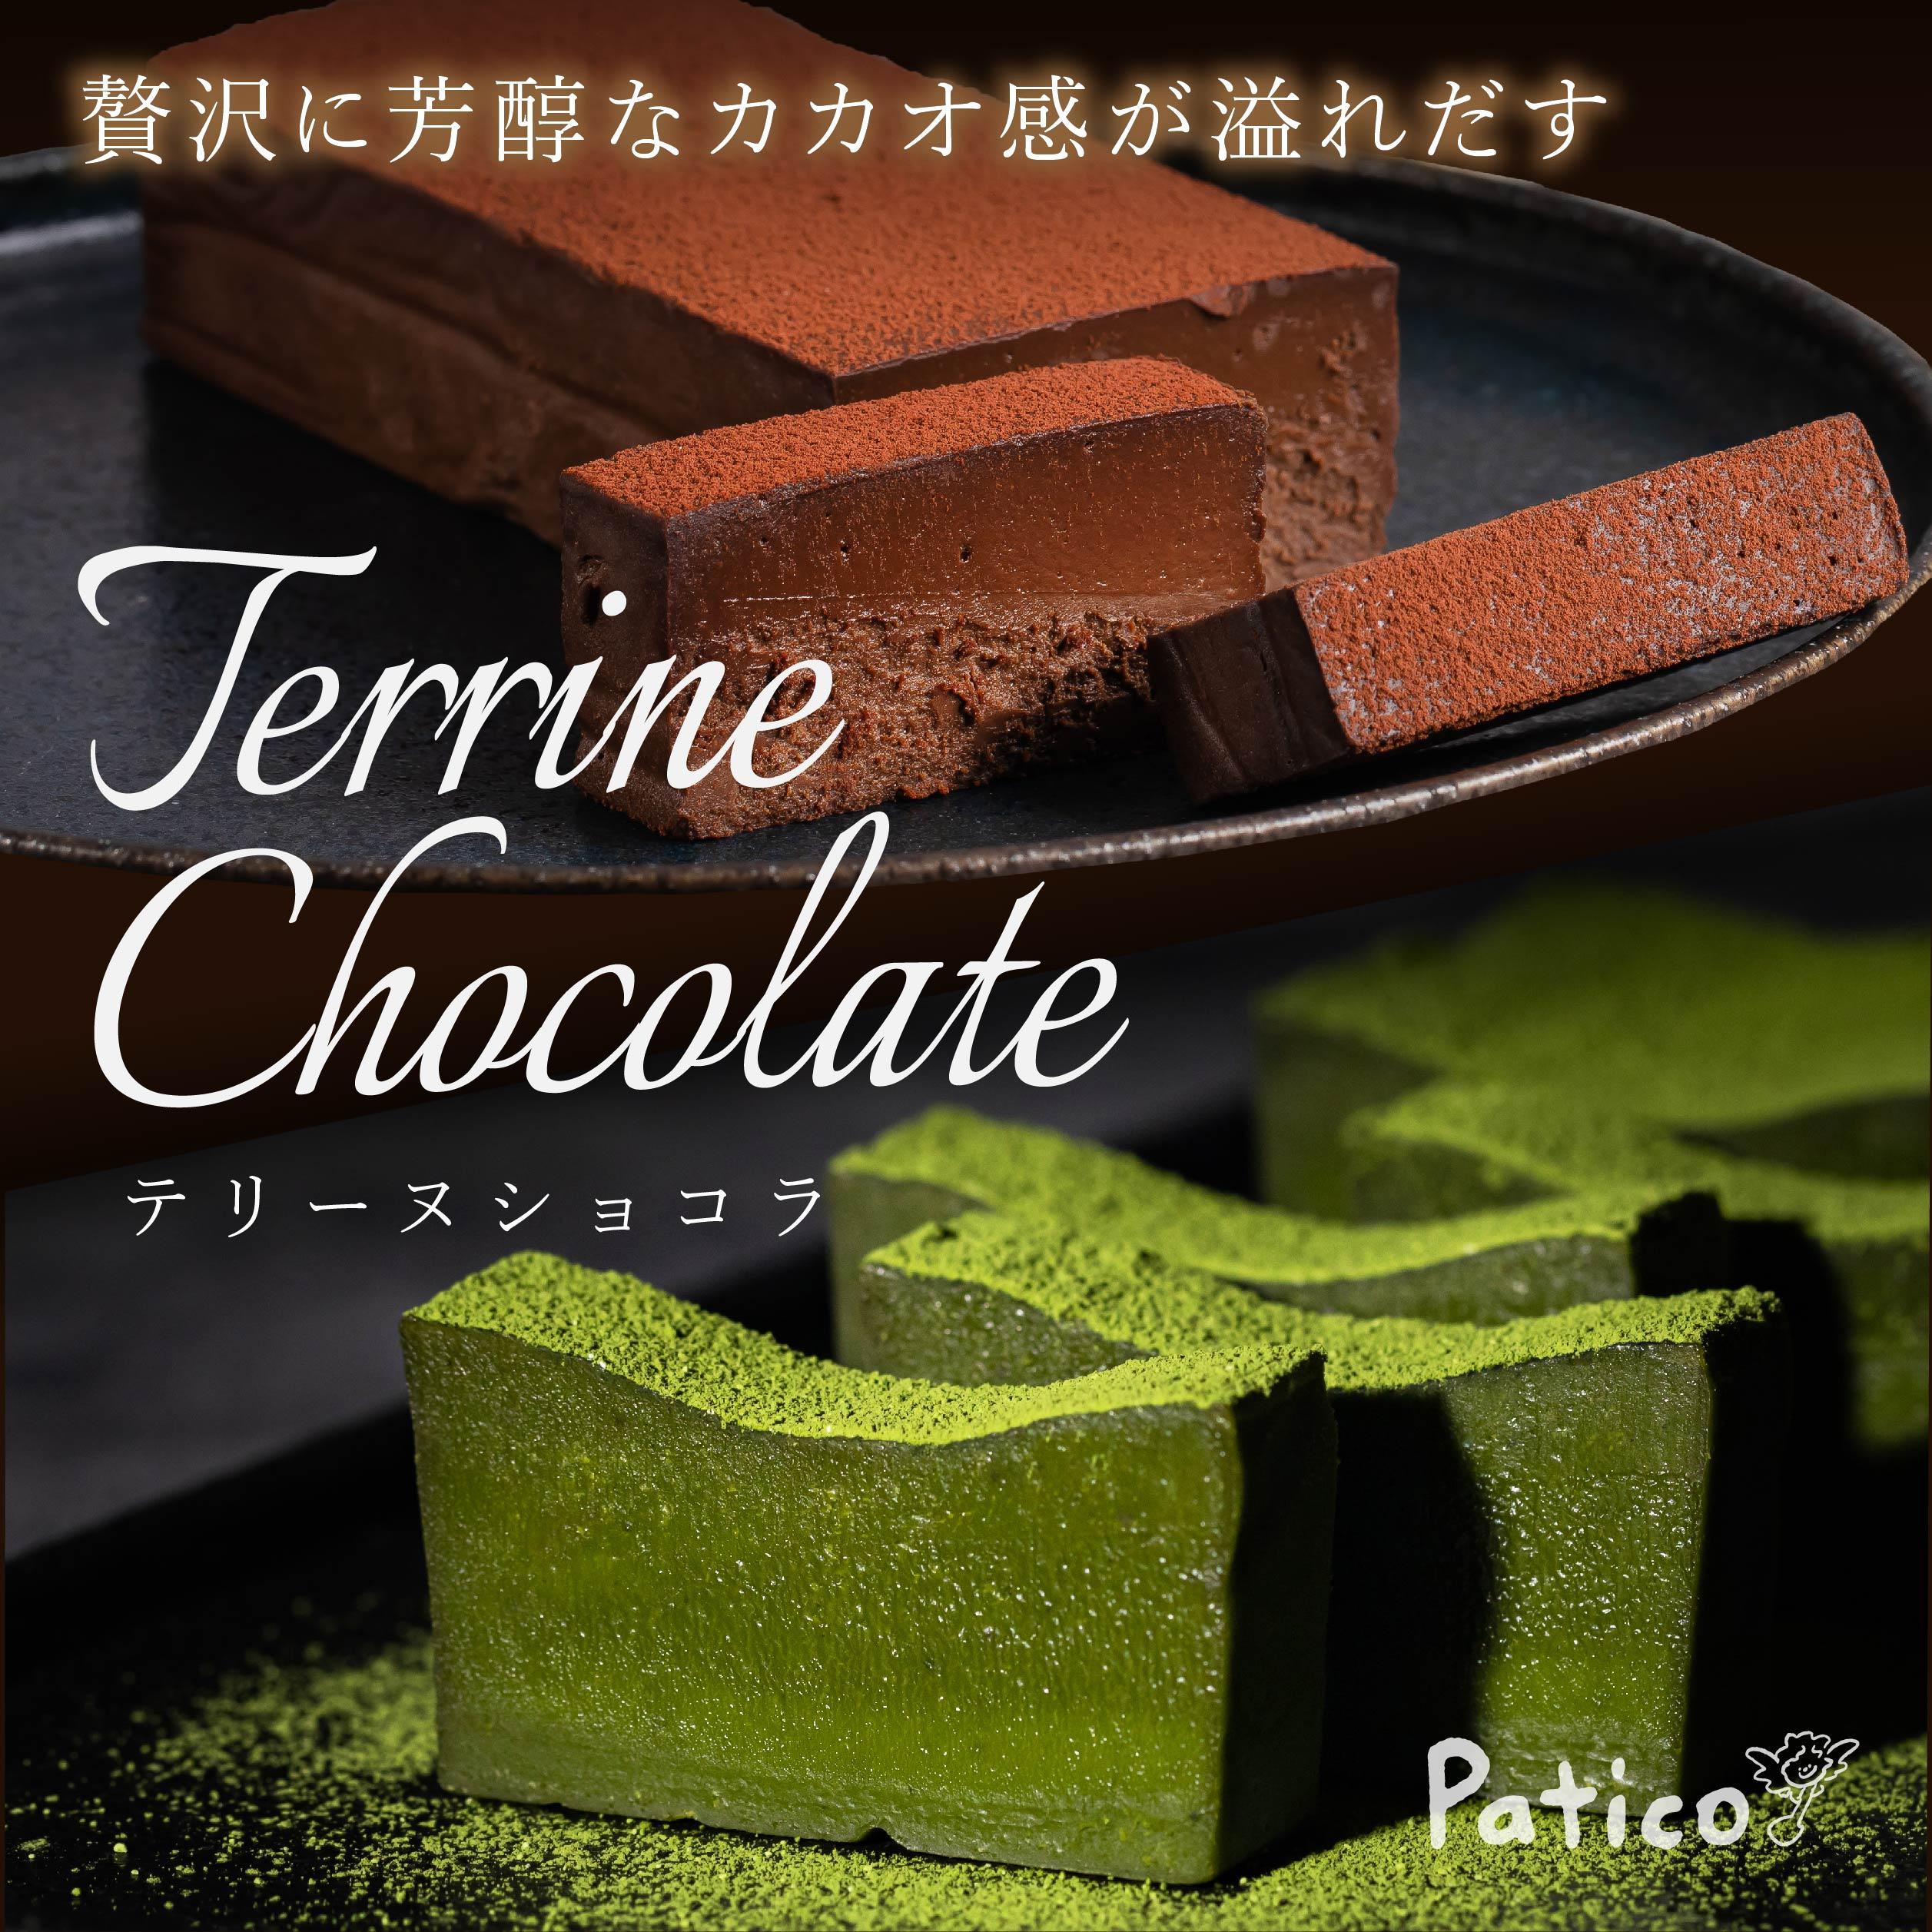 ショコラ テリーヌ